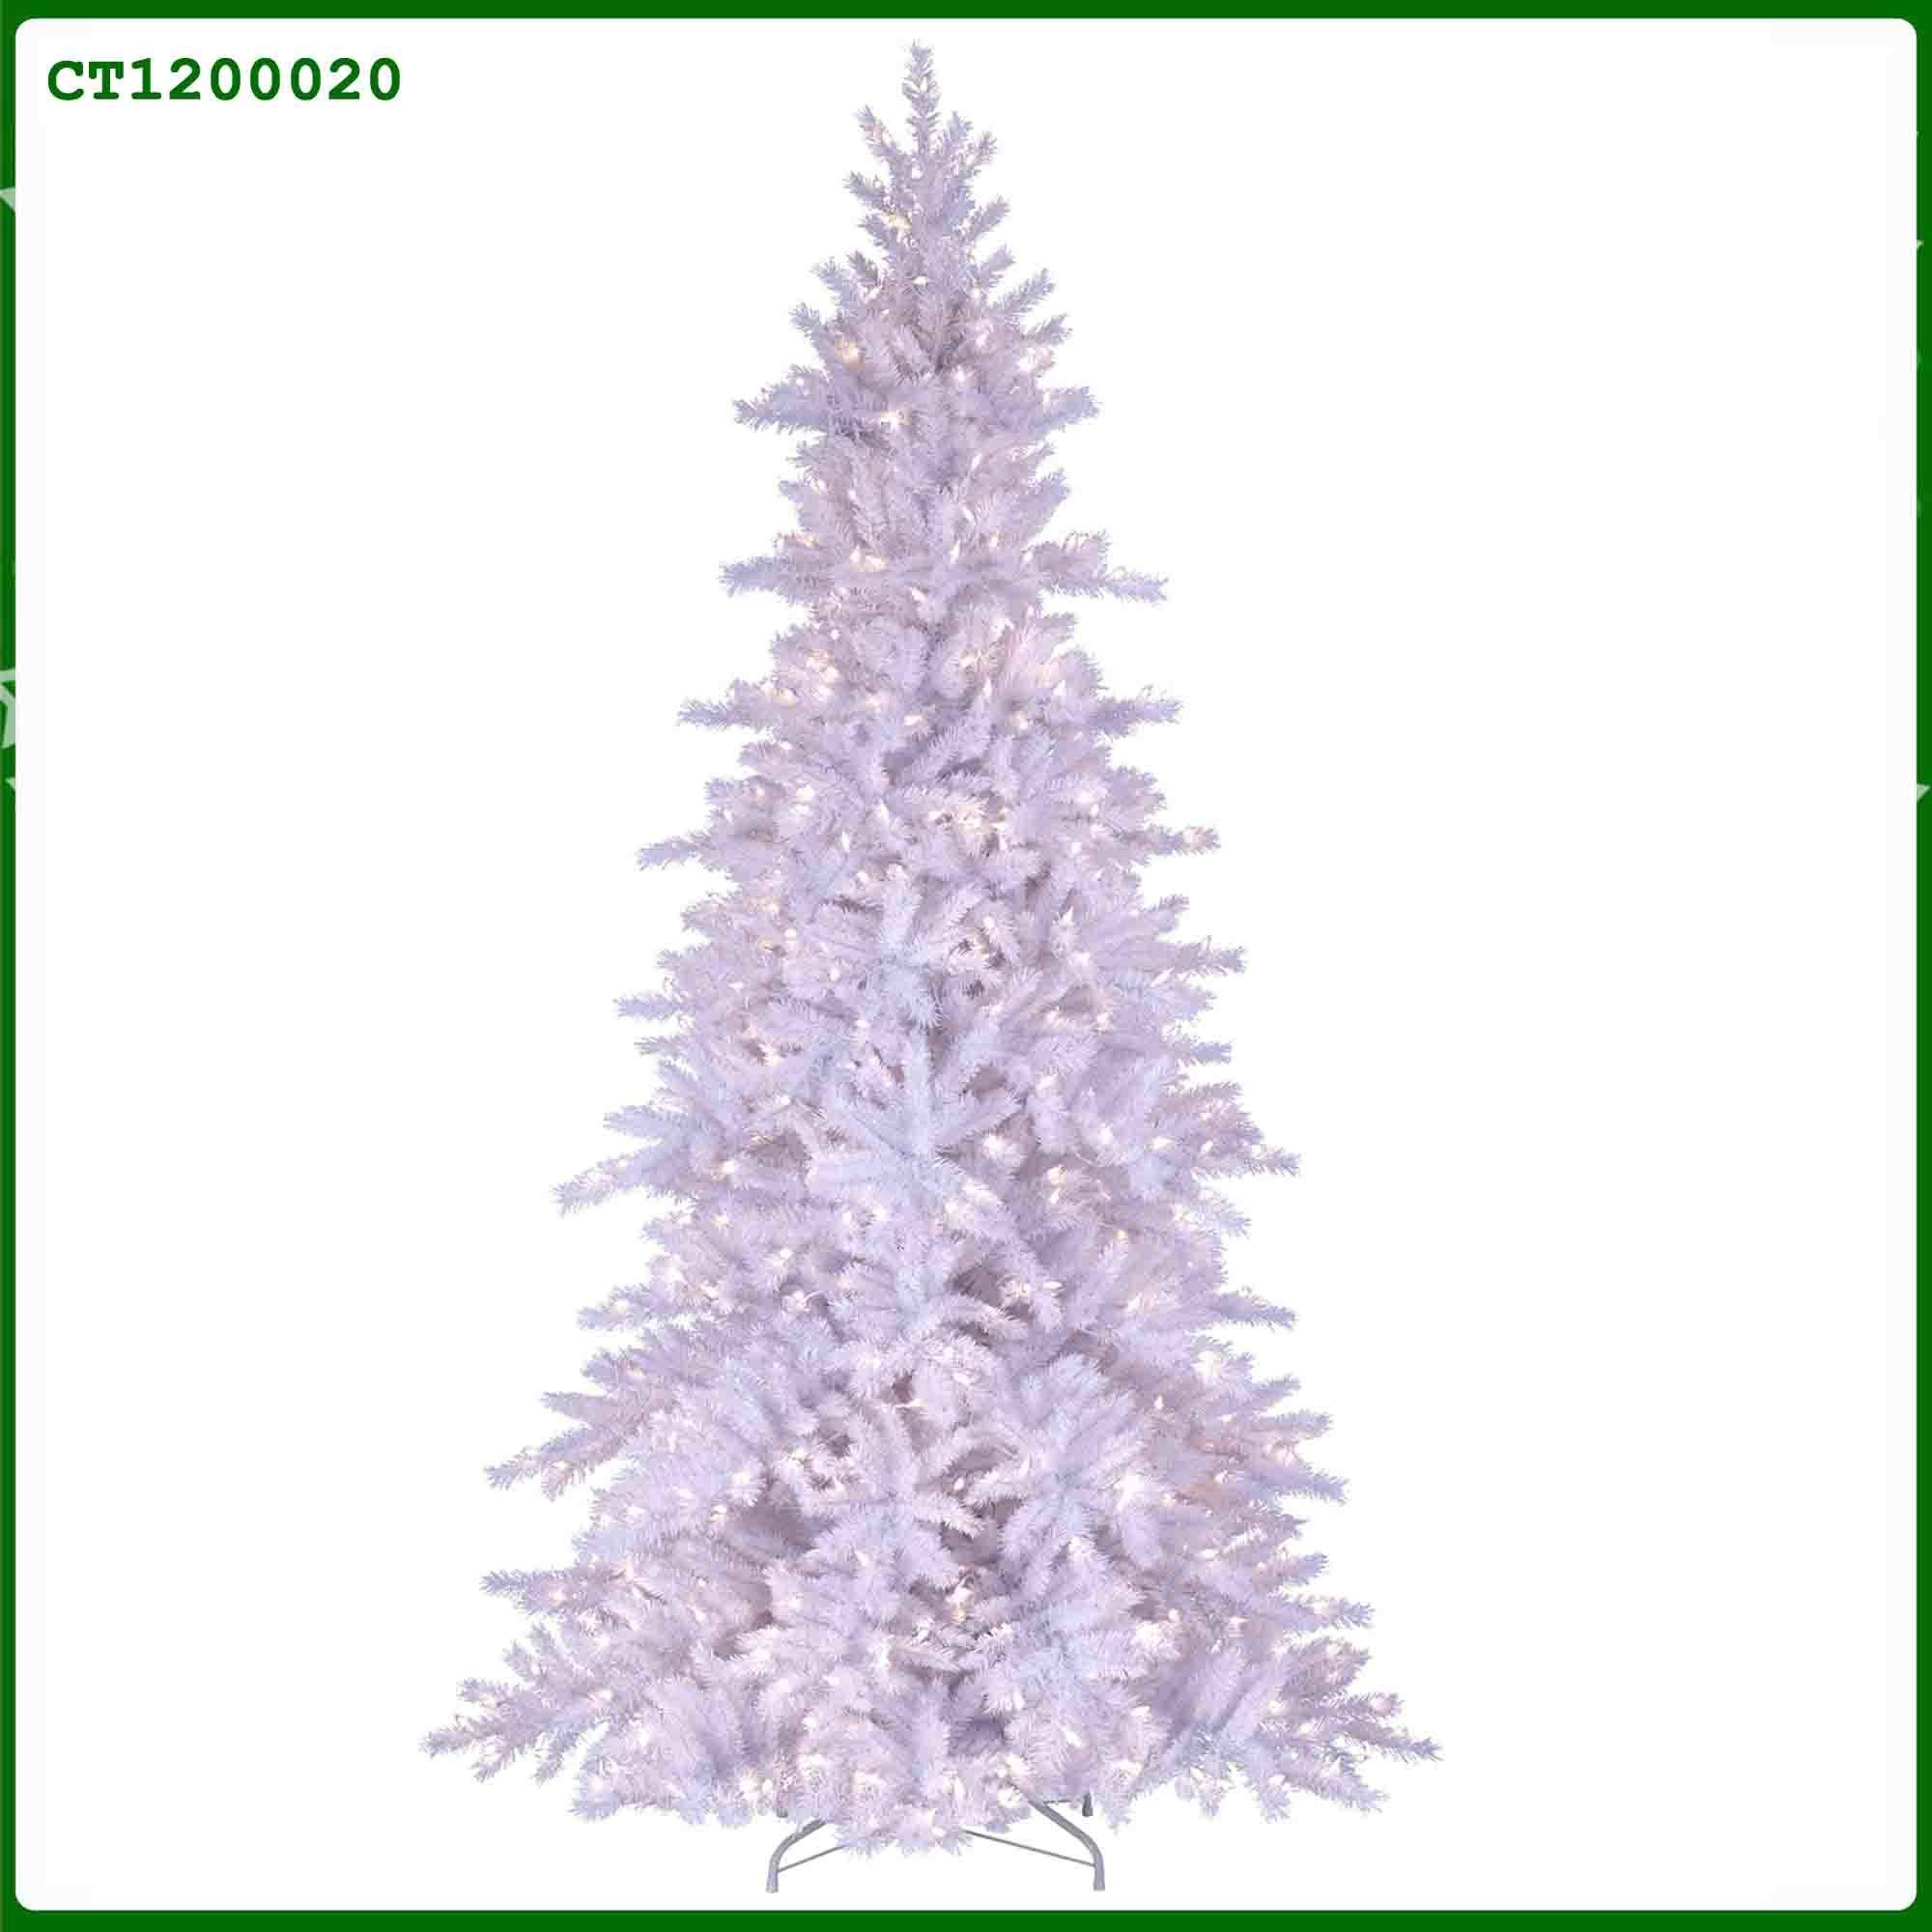 rbol de navidad blanco artificial de la rama ct u rbol de navidad blanco artificial de la rama ct por beamfull gifts co